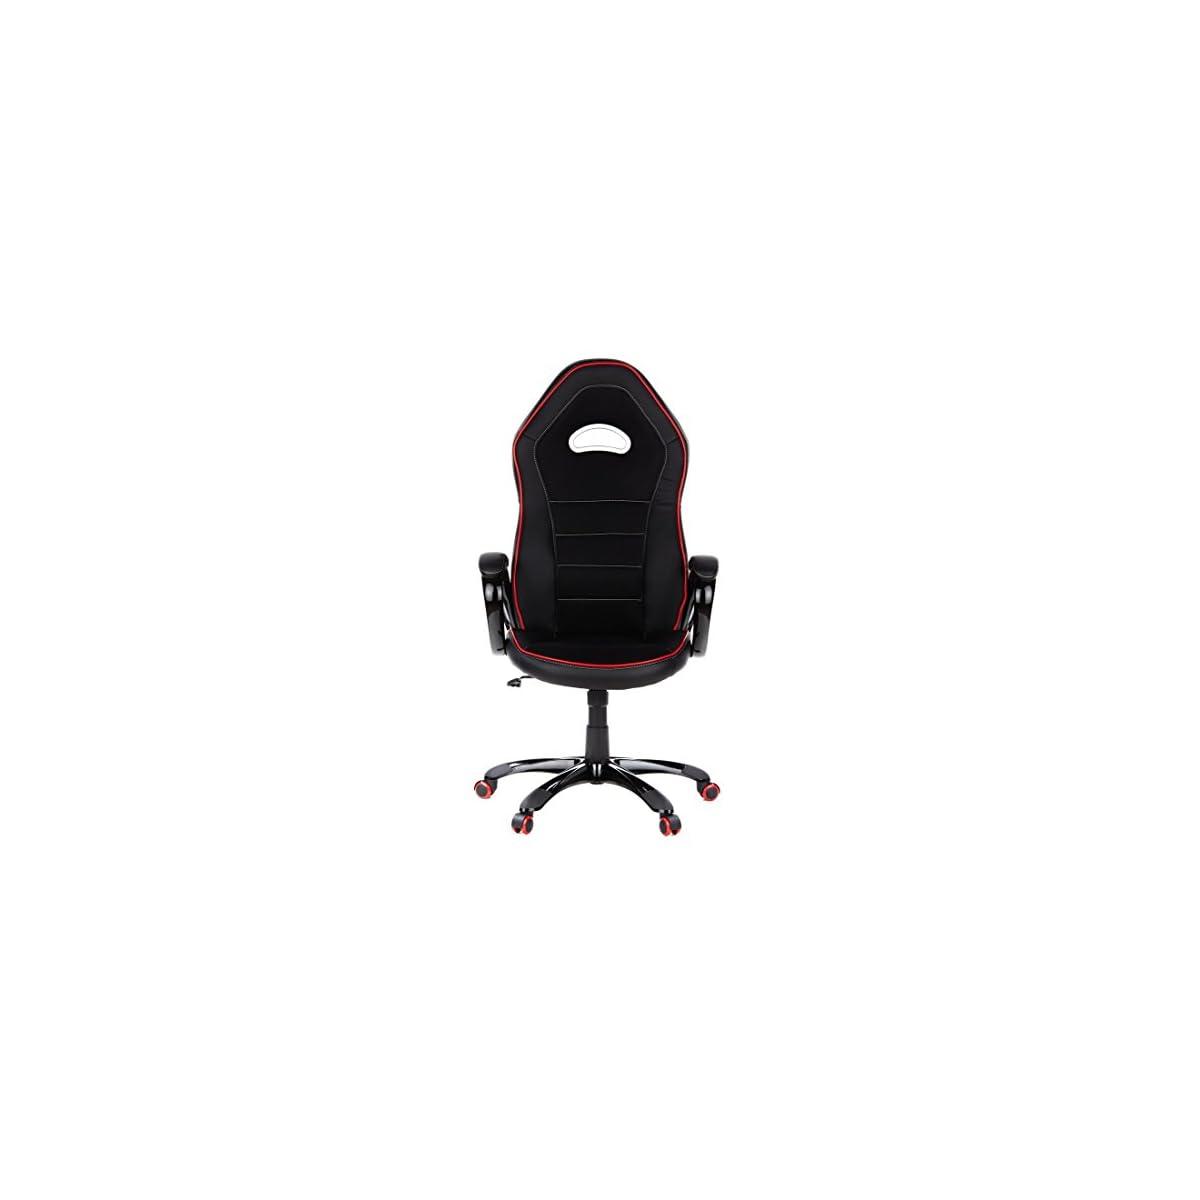 41CPY%2BWh oL. SS1200  - hjh OFFICE - 621720 silla gaming PACE 100 piel sintética negro/rojo, cómodo, con apoyabrazos acolchados, elegante base negra, inclinable, respaldo alto, silla racing, silla oficina, silla giratoria